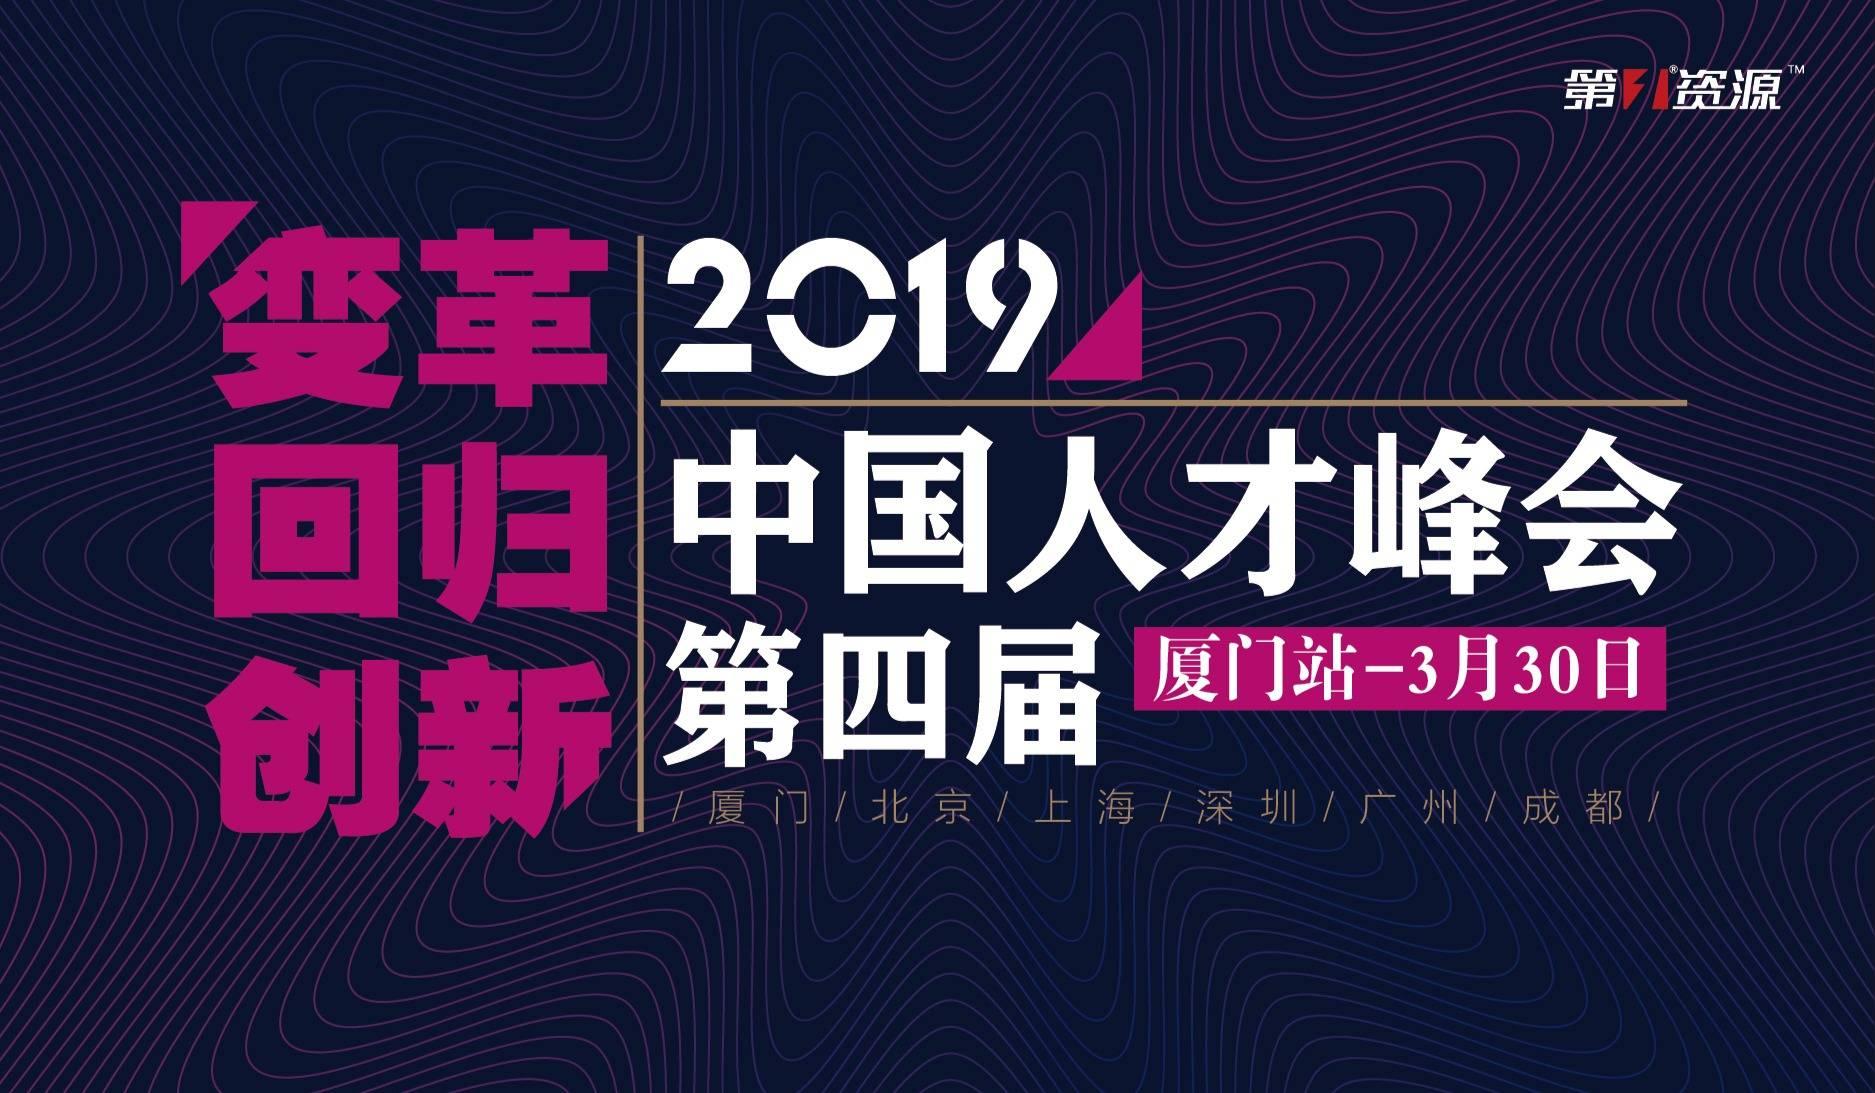 互动吧-变革 回归 创新——2019第四届中国人才峰会(厦门站)